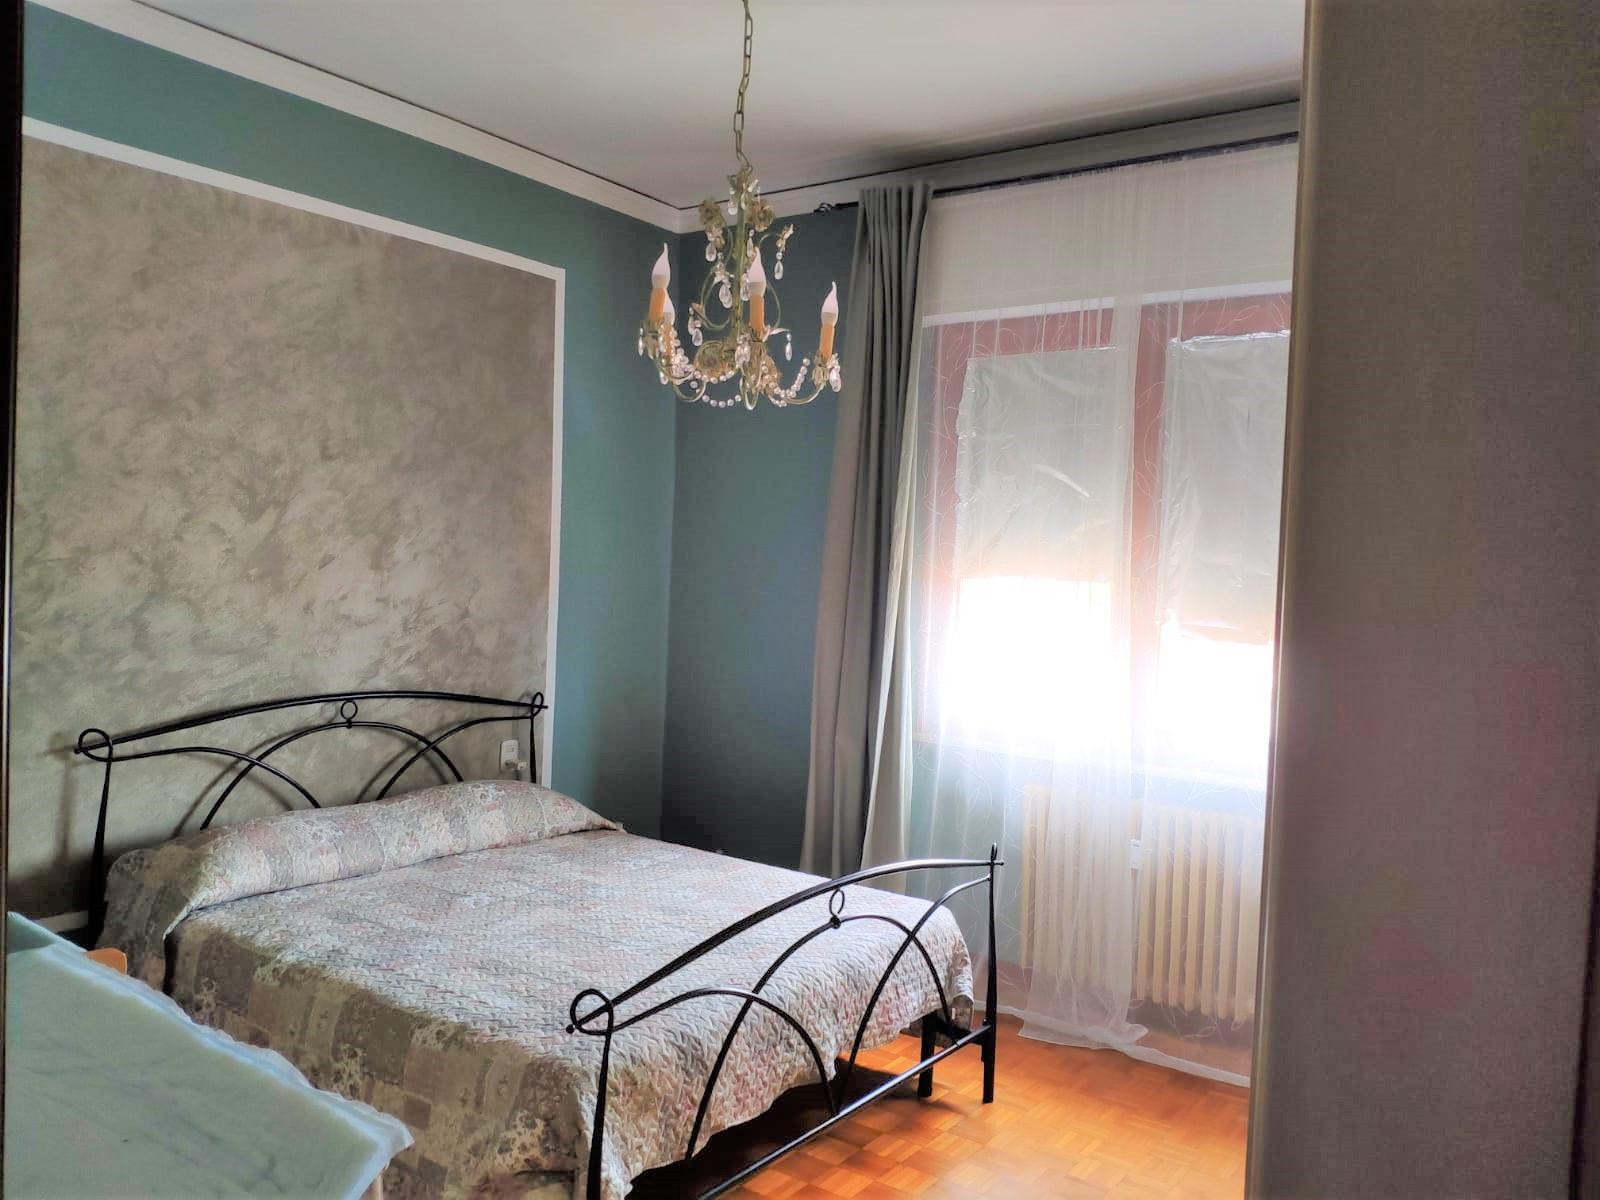 ADIACENZE PIAZZA MAZZINI,PISTOIA,51100,2 Bedrooms Bedrooms,2 BathroomsBathrooms,Appartamento,ADIACENZE PIAZZA MAZZINI,1504